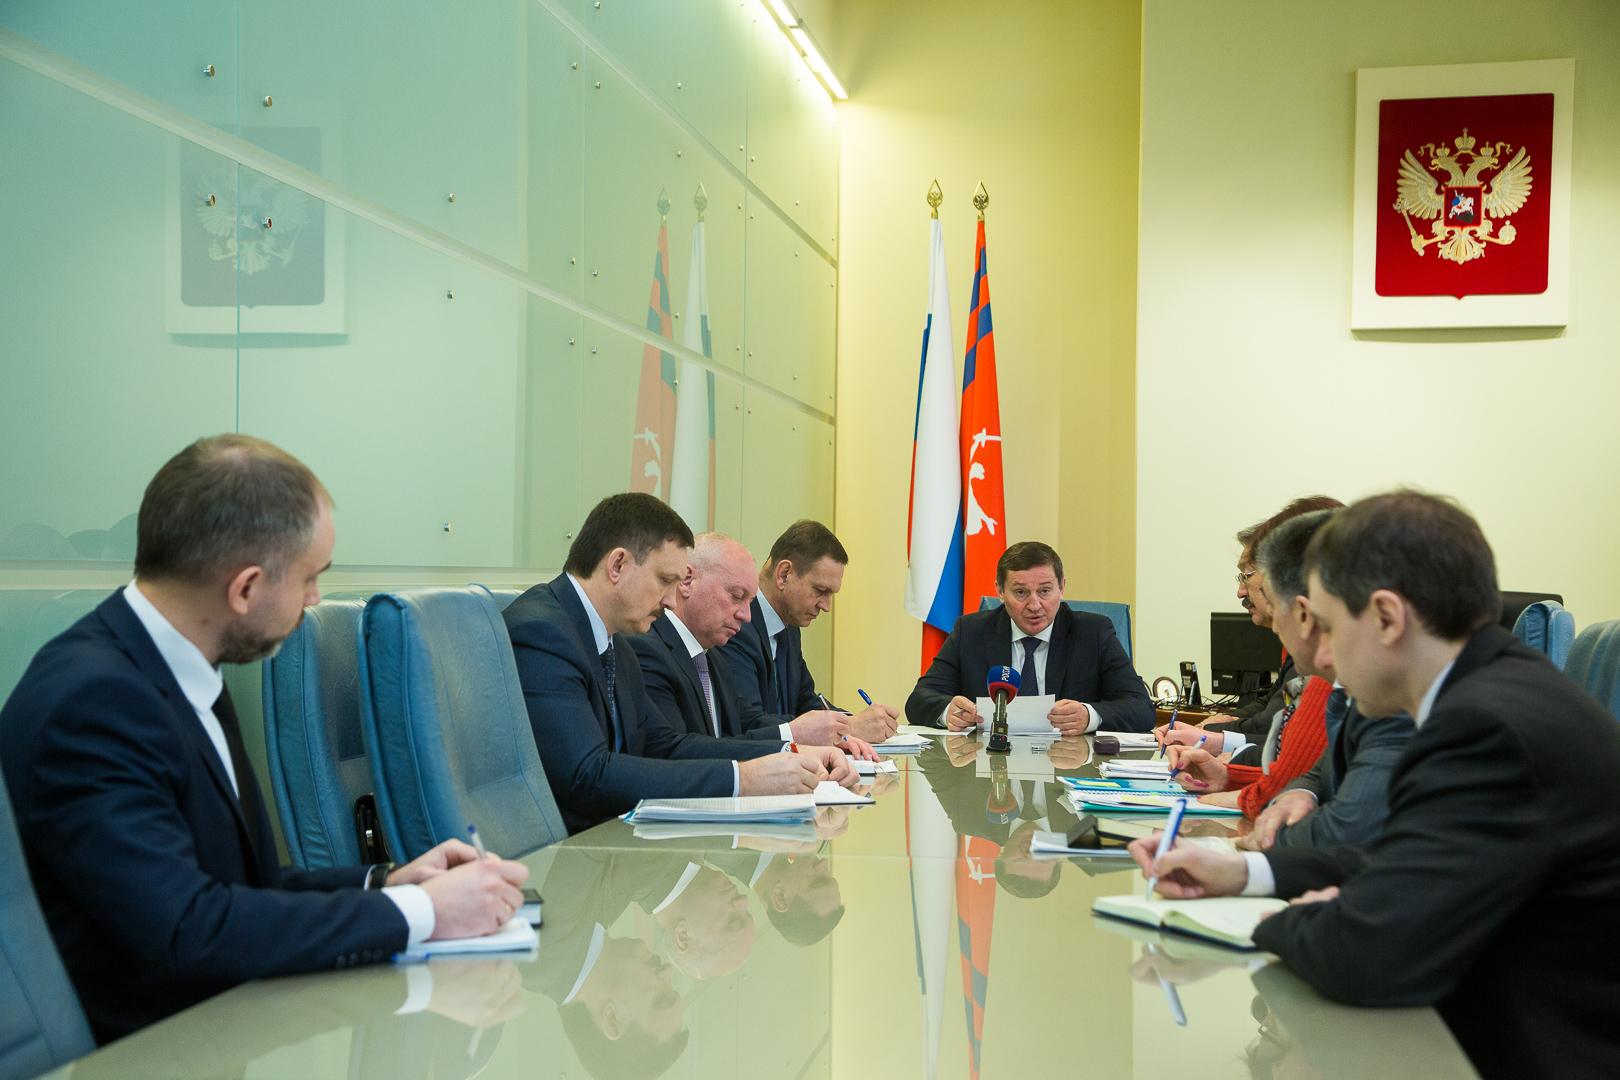 Лига сексуальных реформ по волгоградской области